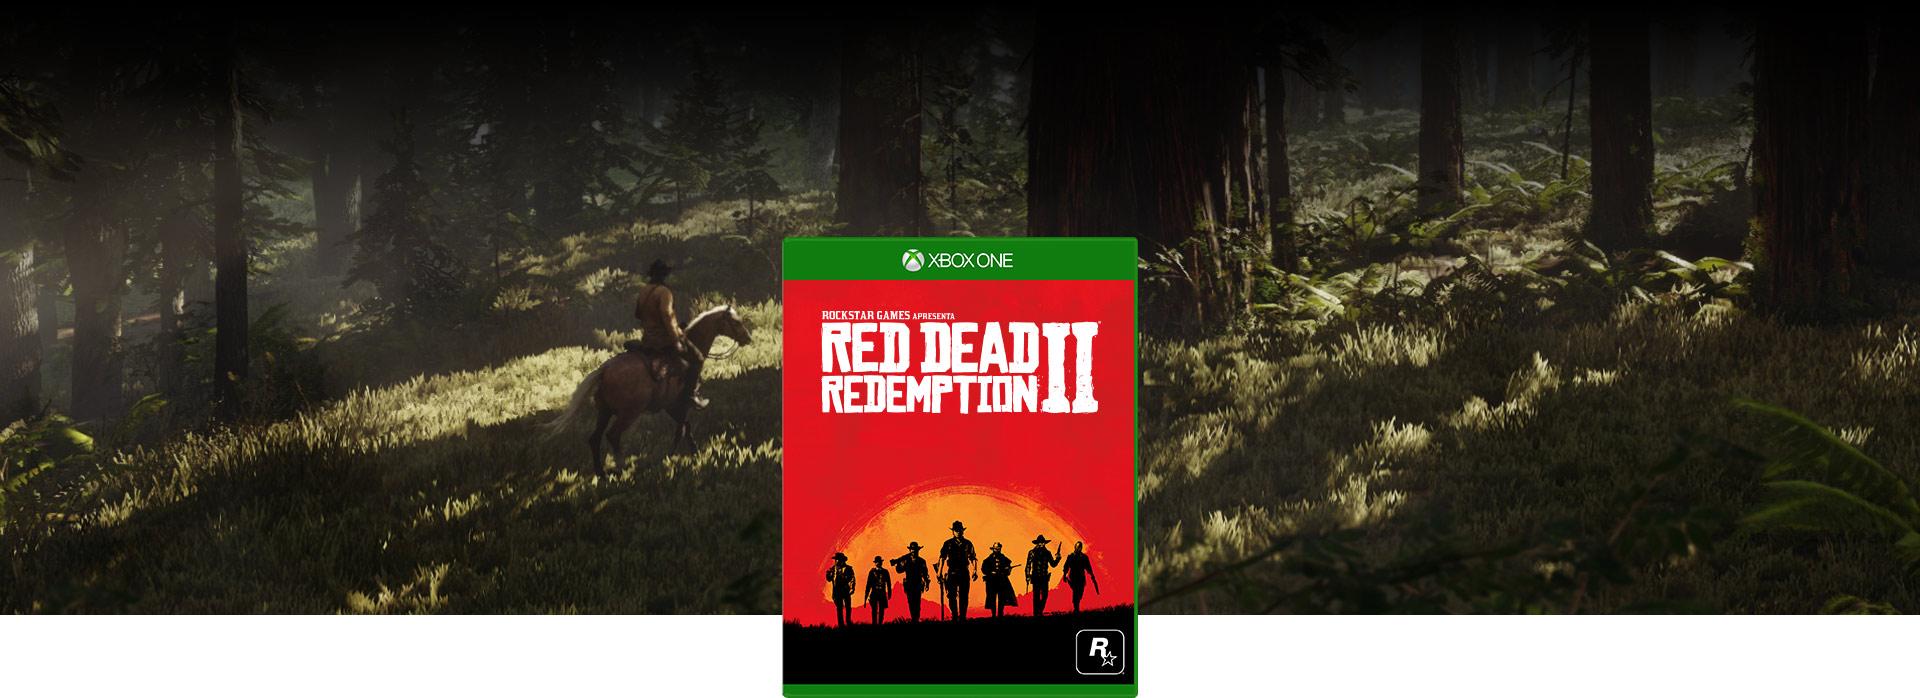 Imagem da caixa do Red Dead Redemption 2